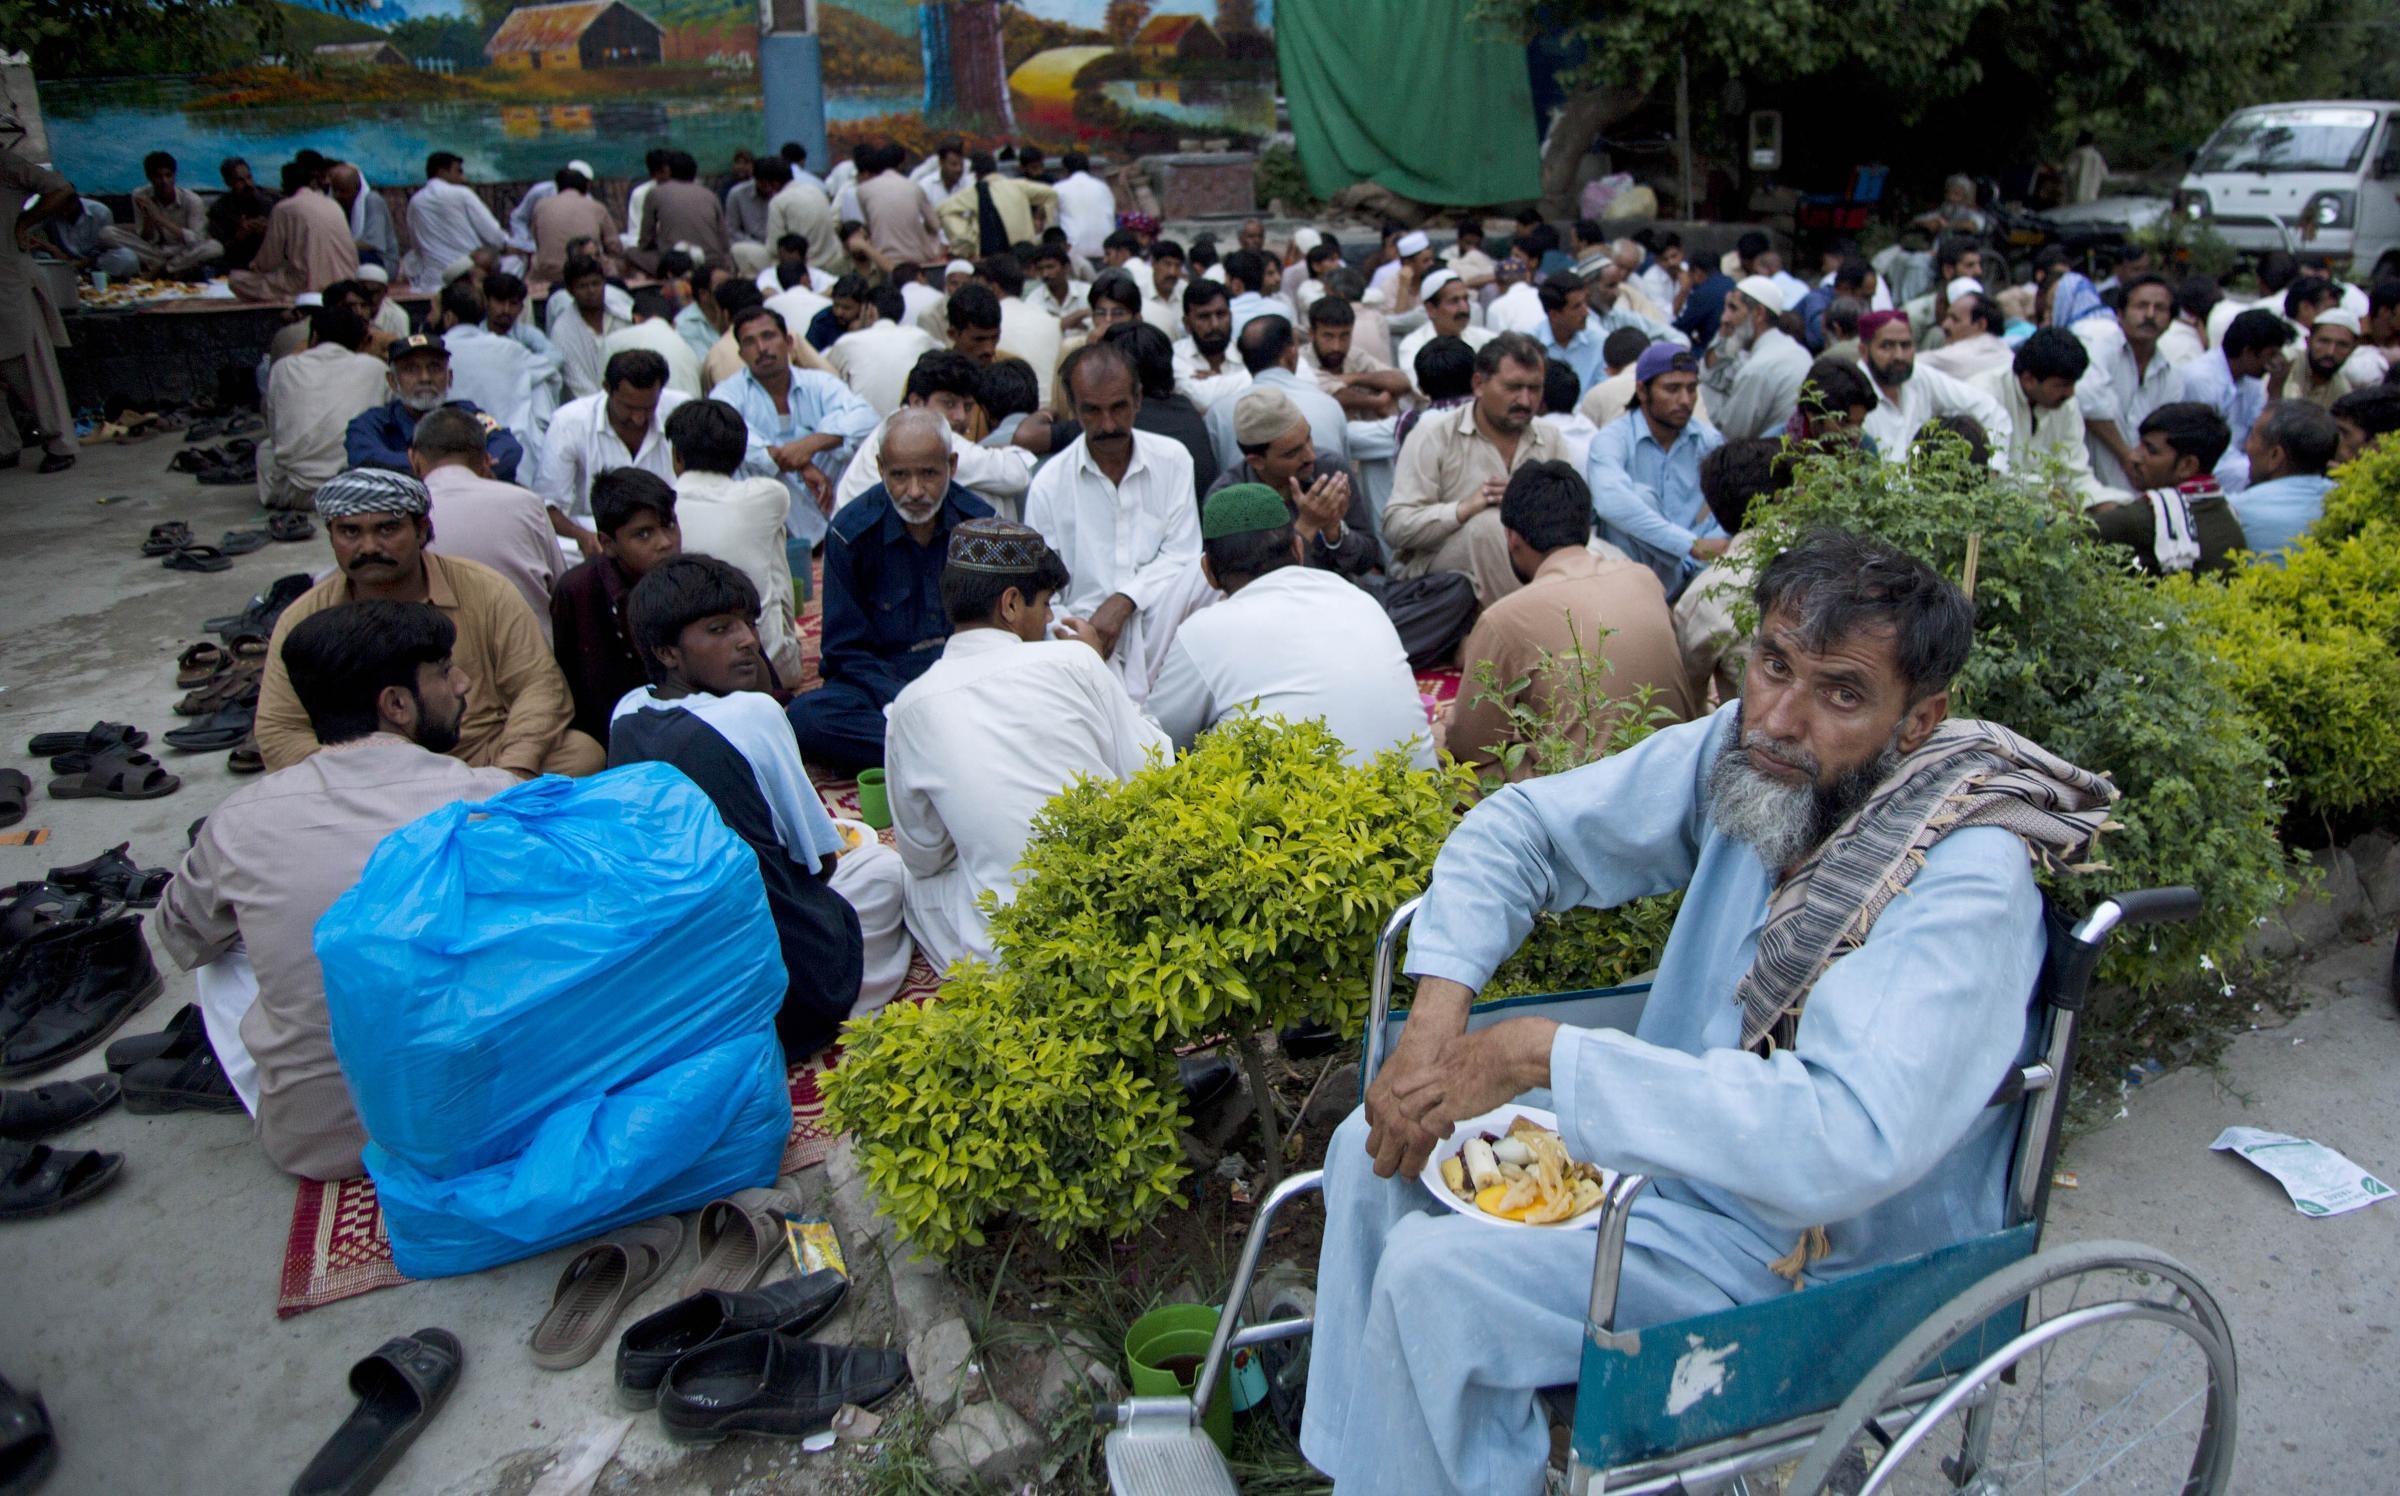 Musulmani pachistani attendono il tramonto per interrompere il digiuno.